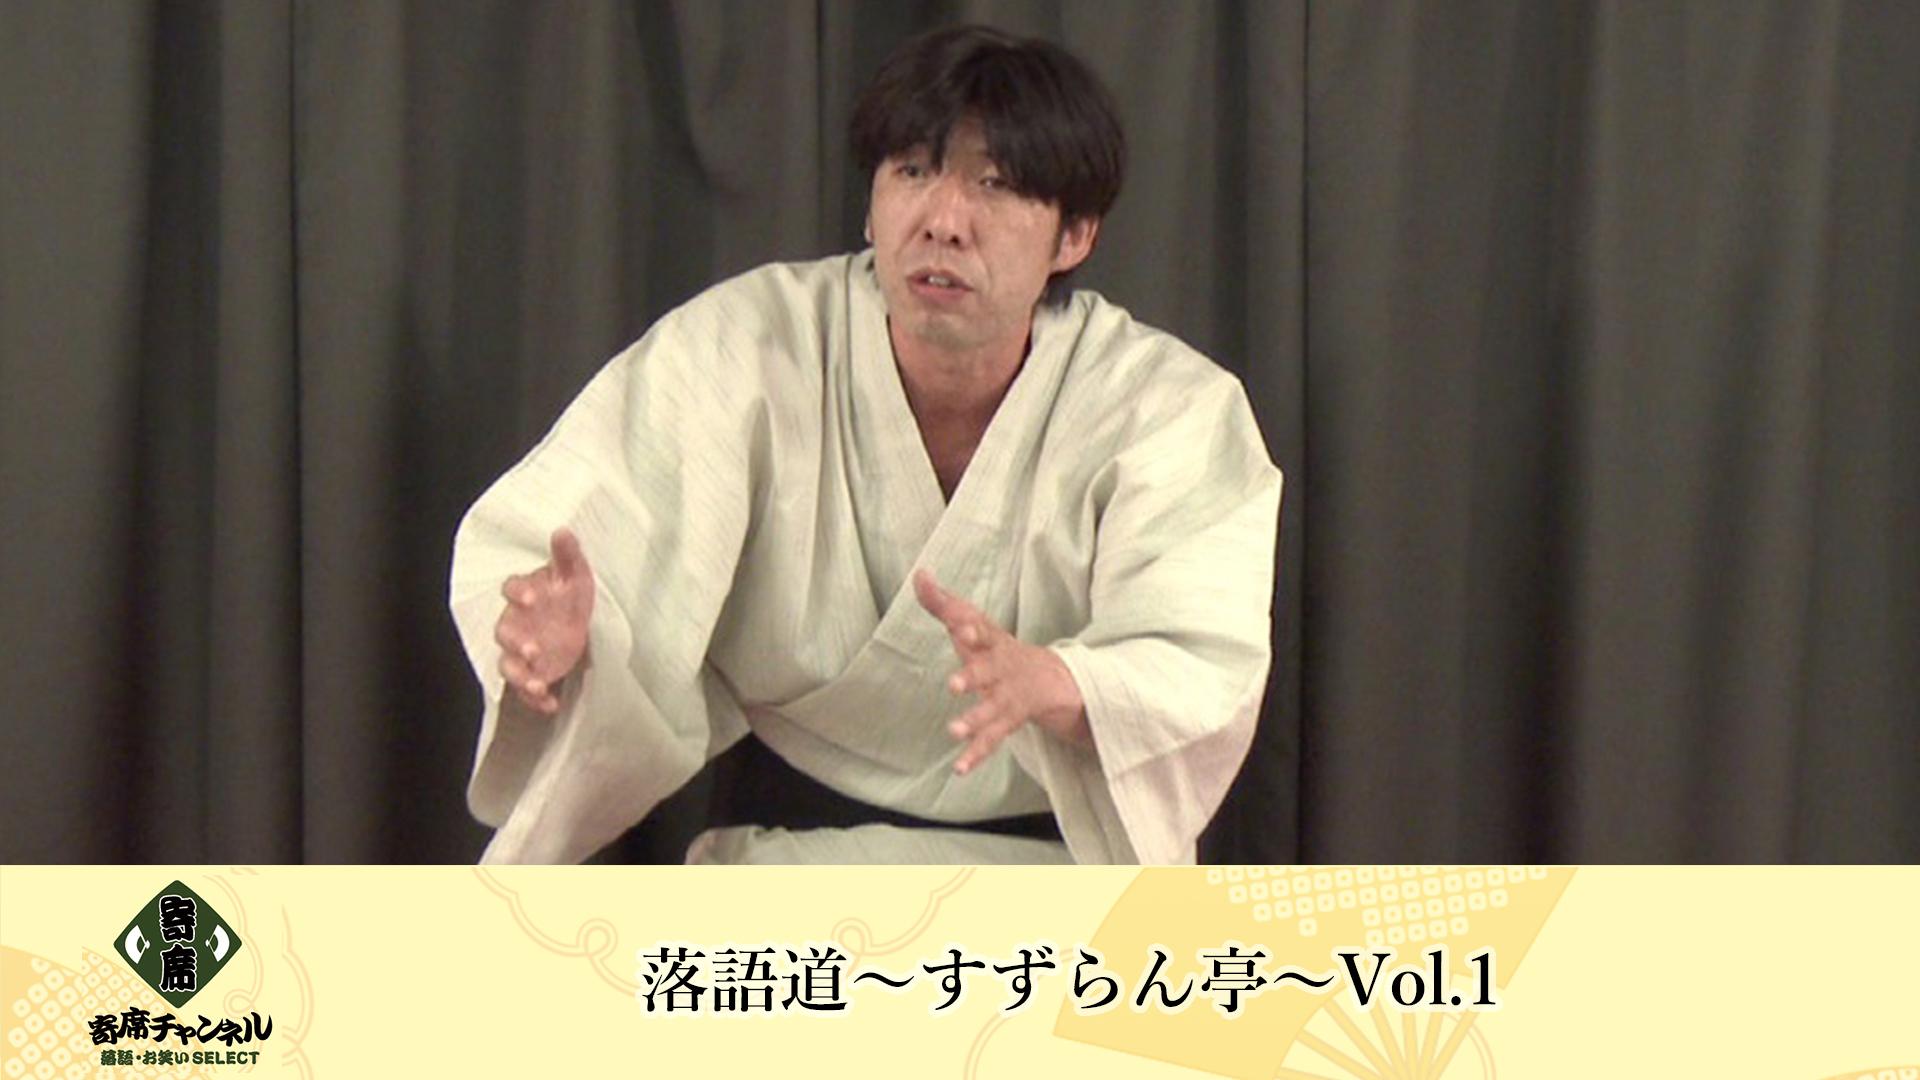 落語道~すずらん亭~Vol.1【寄席チャンネルSELECT】